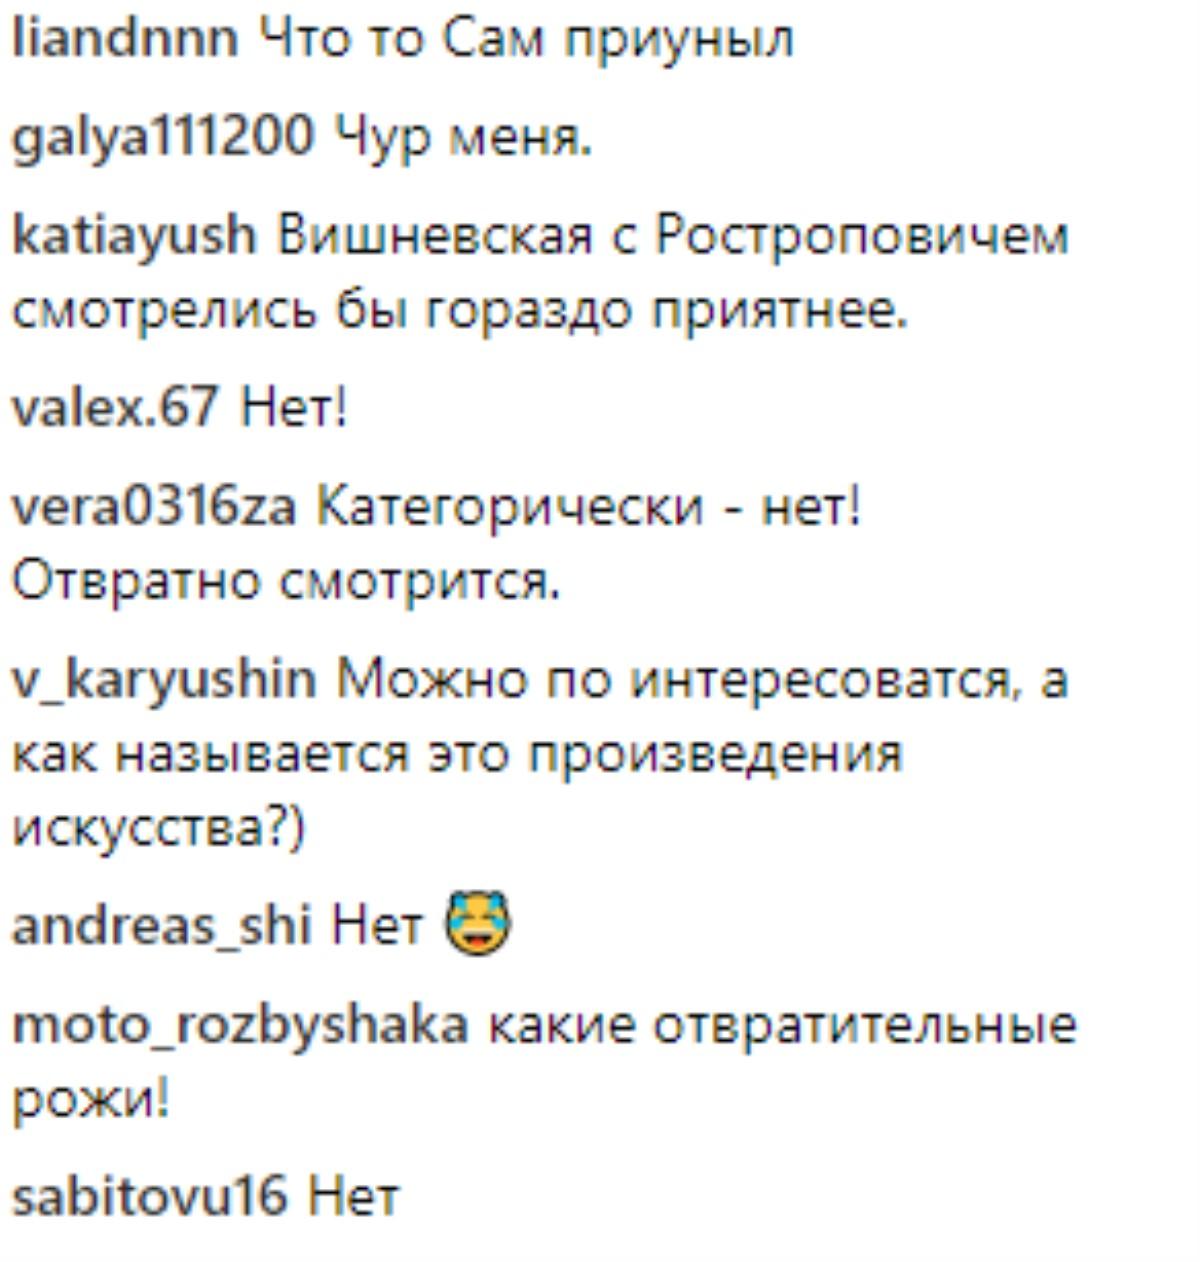 """""""Отвратительные рожи"""": в сети высмеяли крымский портрет Путина и Медведева"""